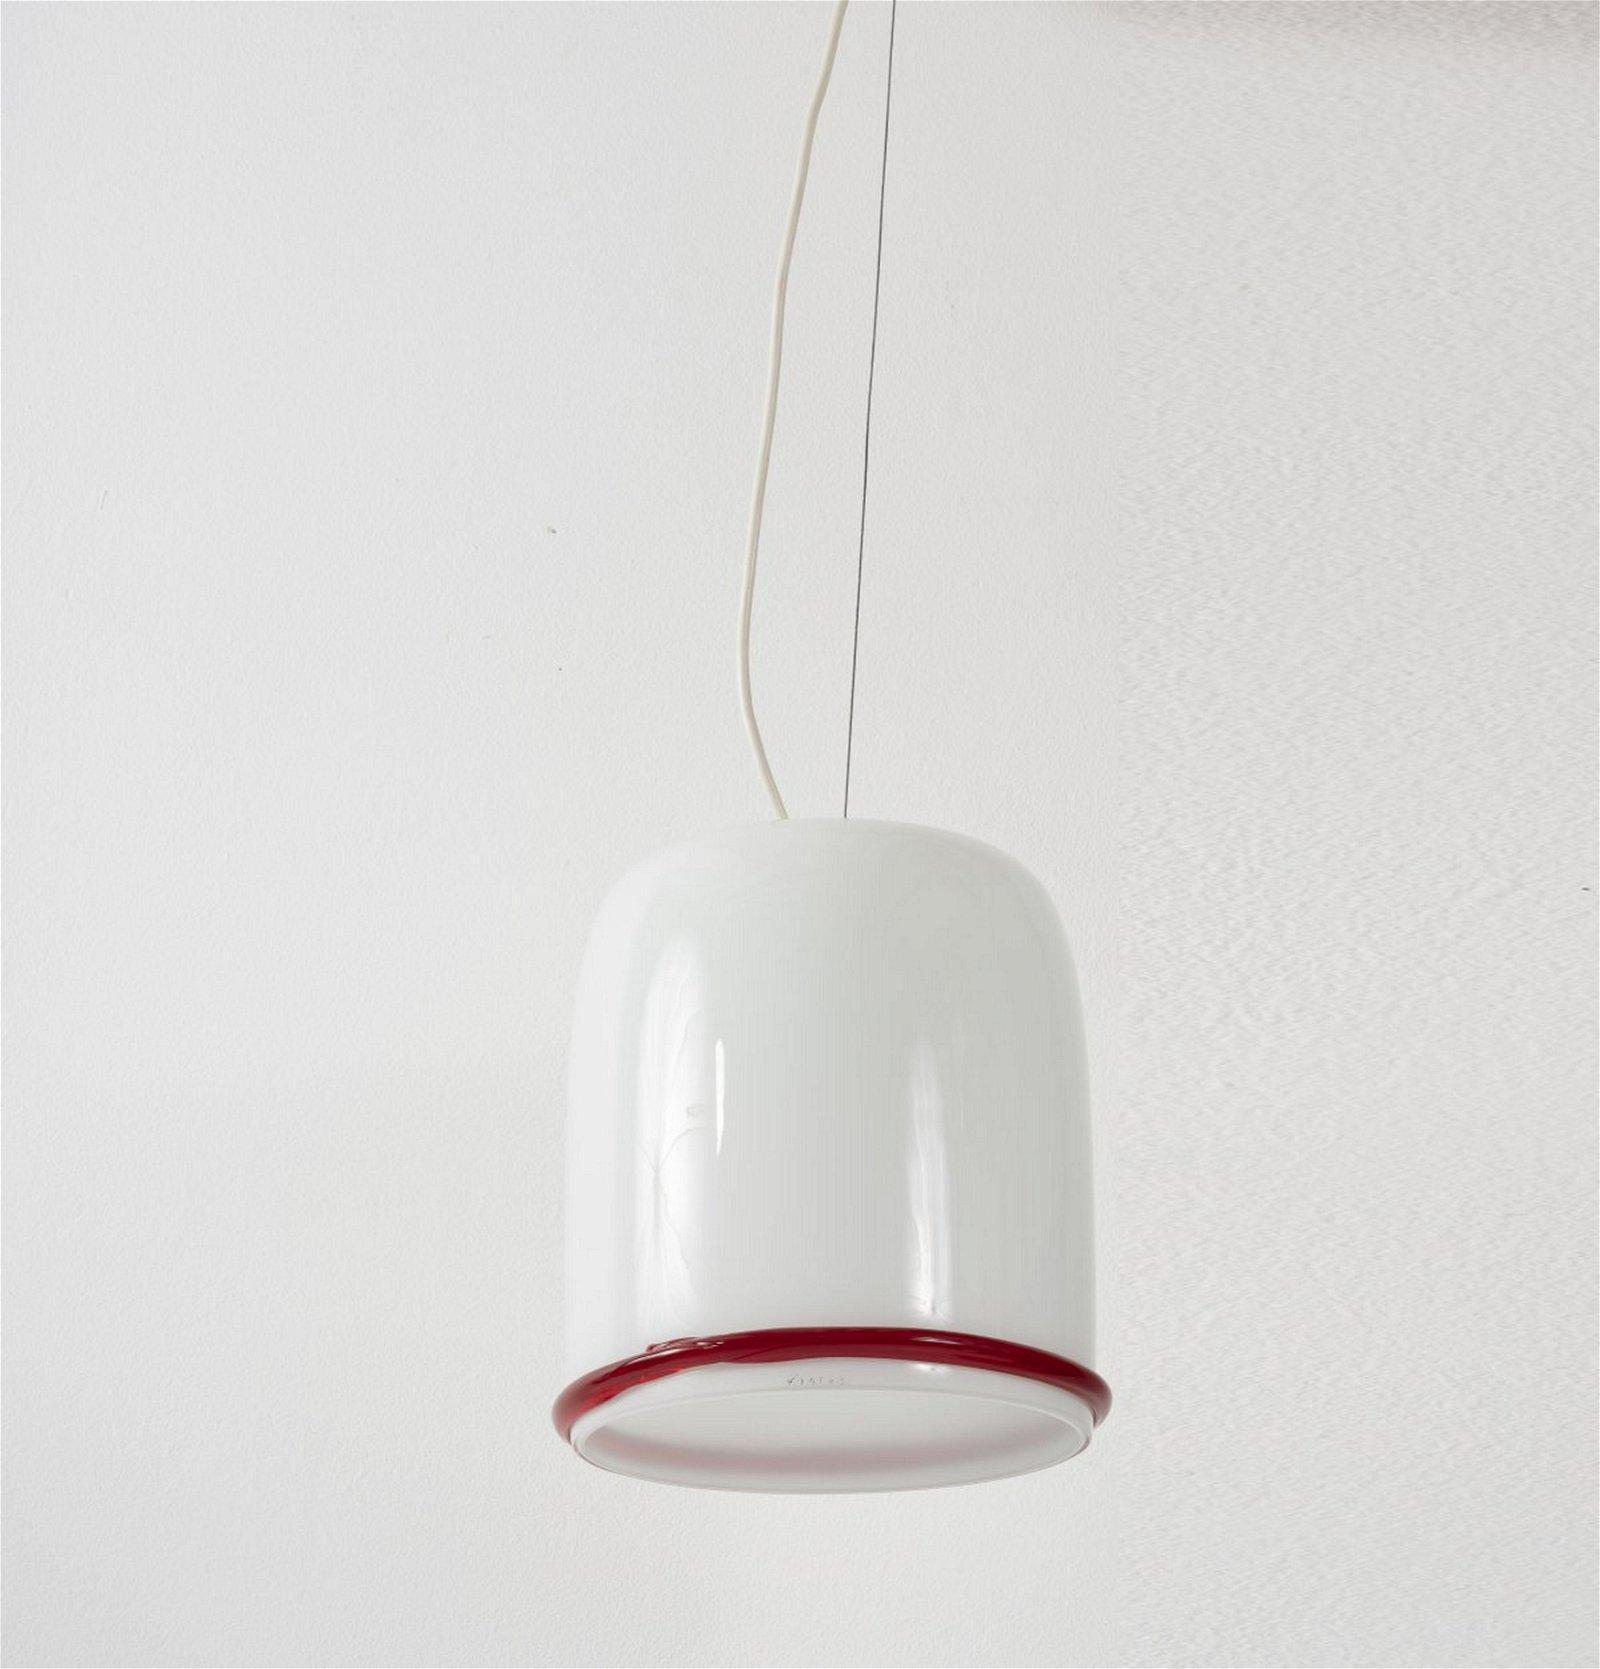 Ettore Sottsass, Pendant light, c. 1977